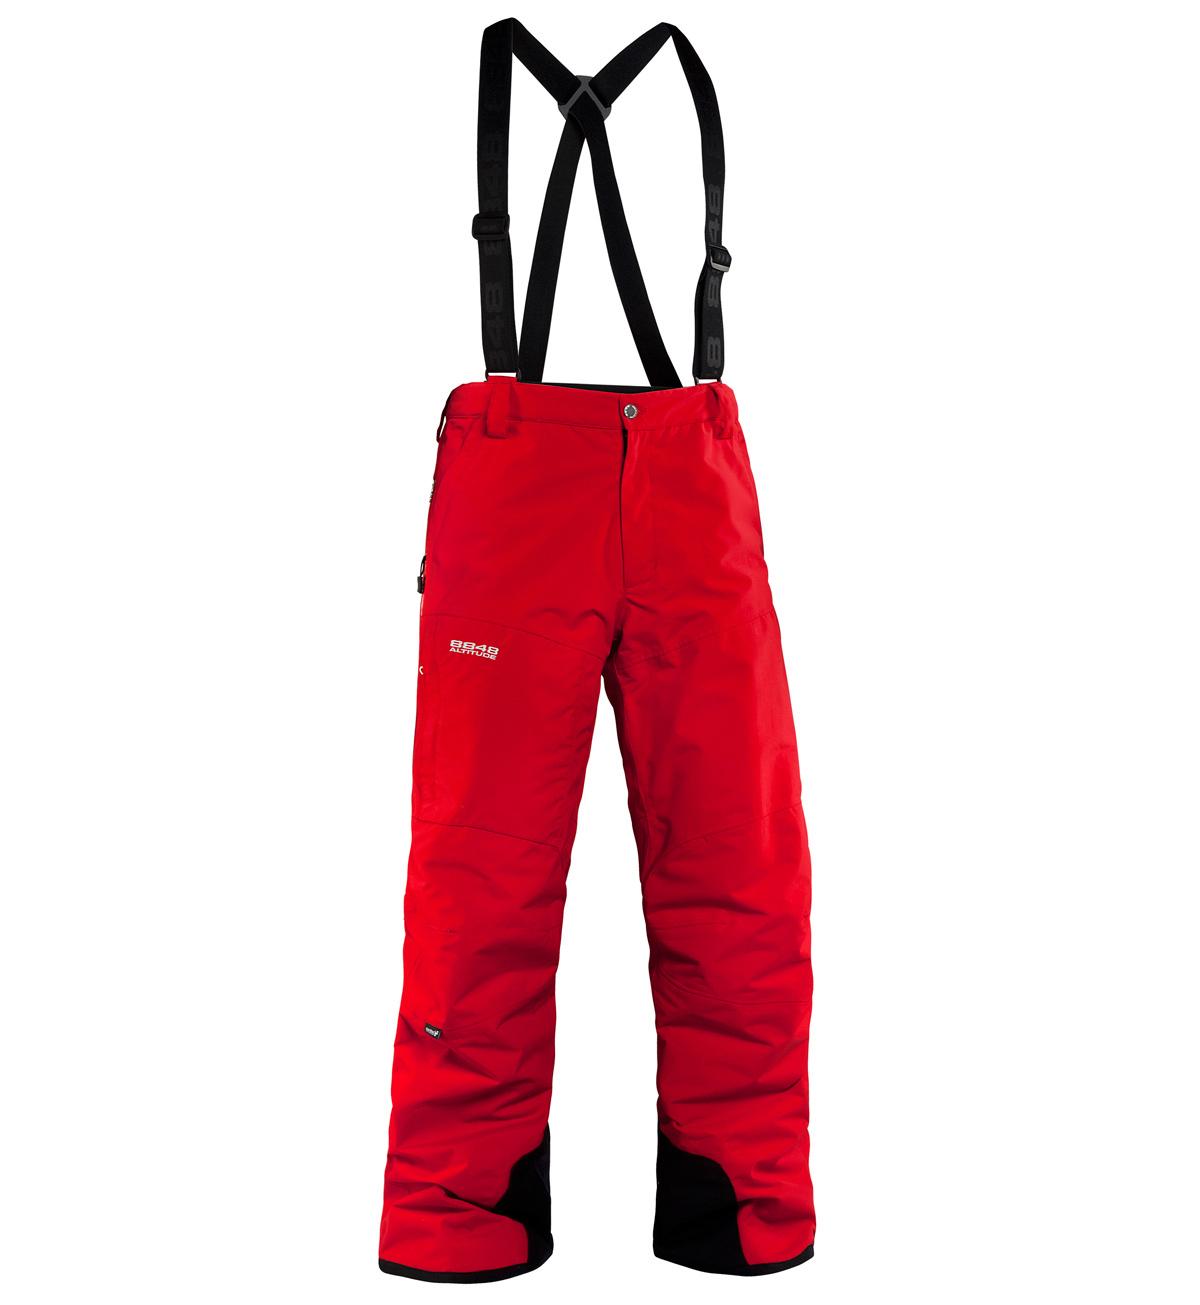 Мужские горнолыжные брюки 8848 Altitude ZIG  Red (773503)